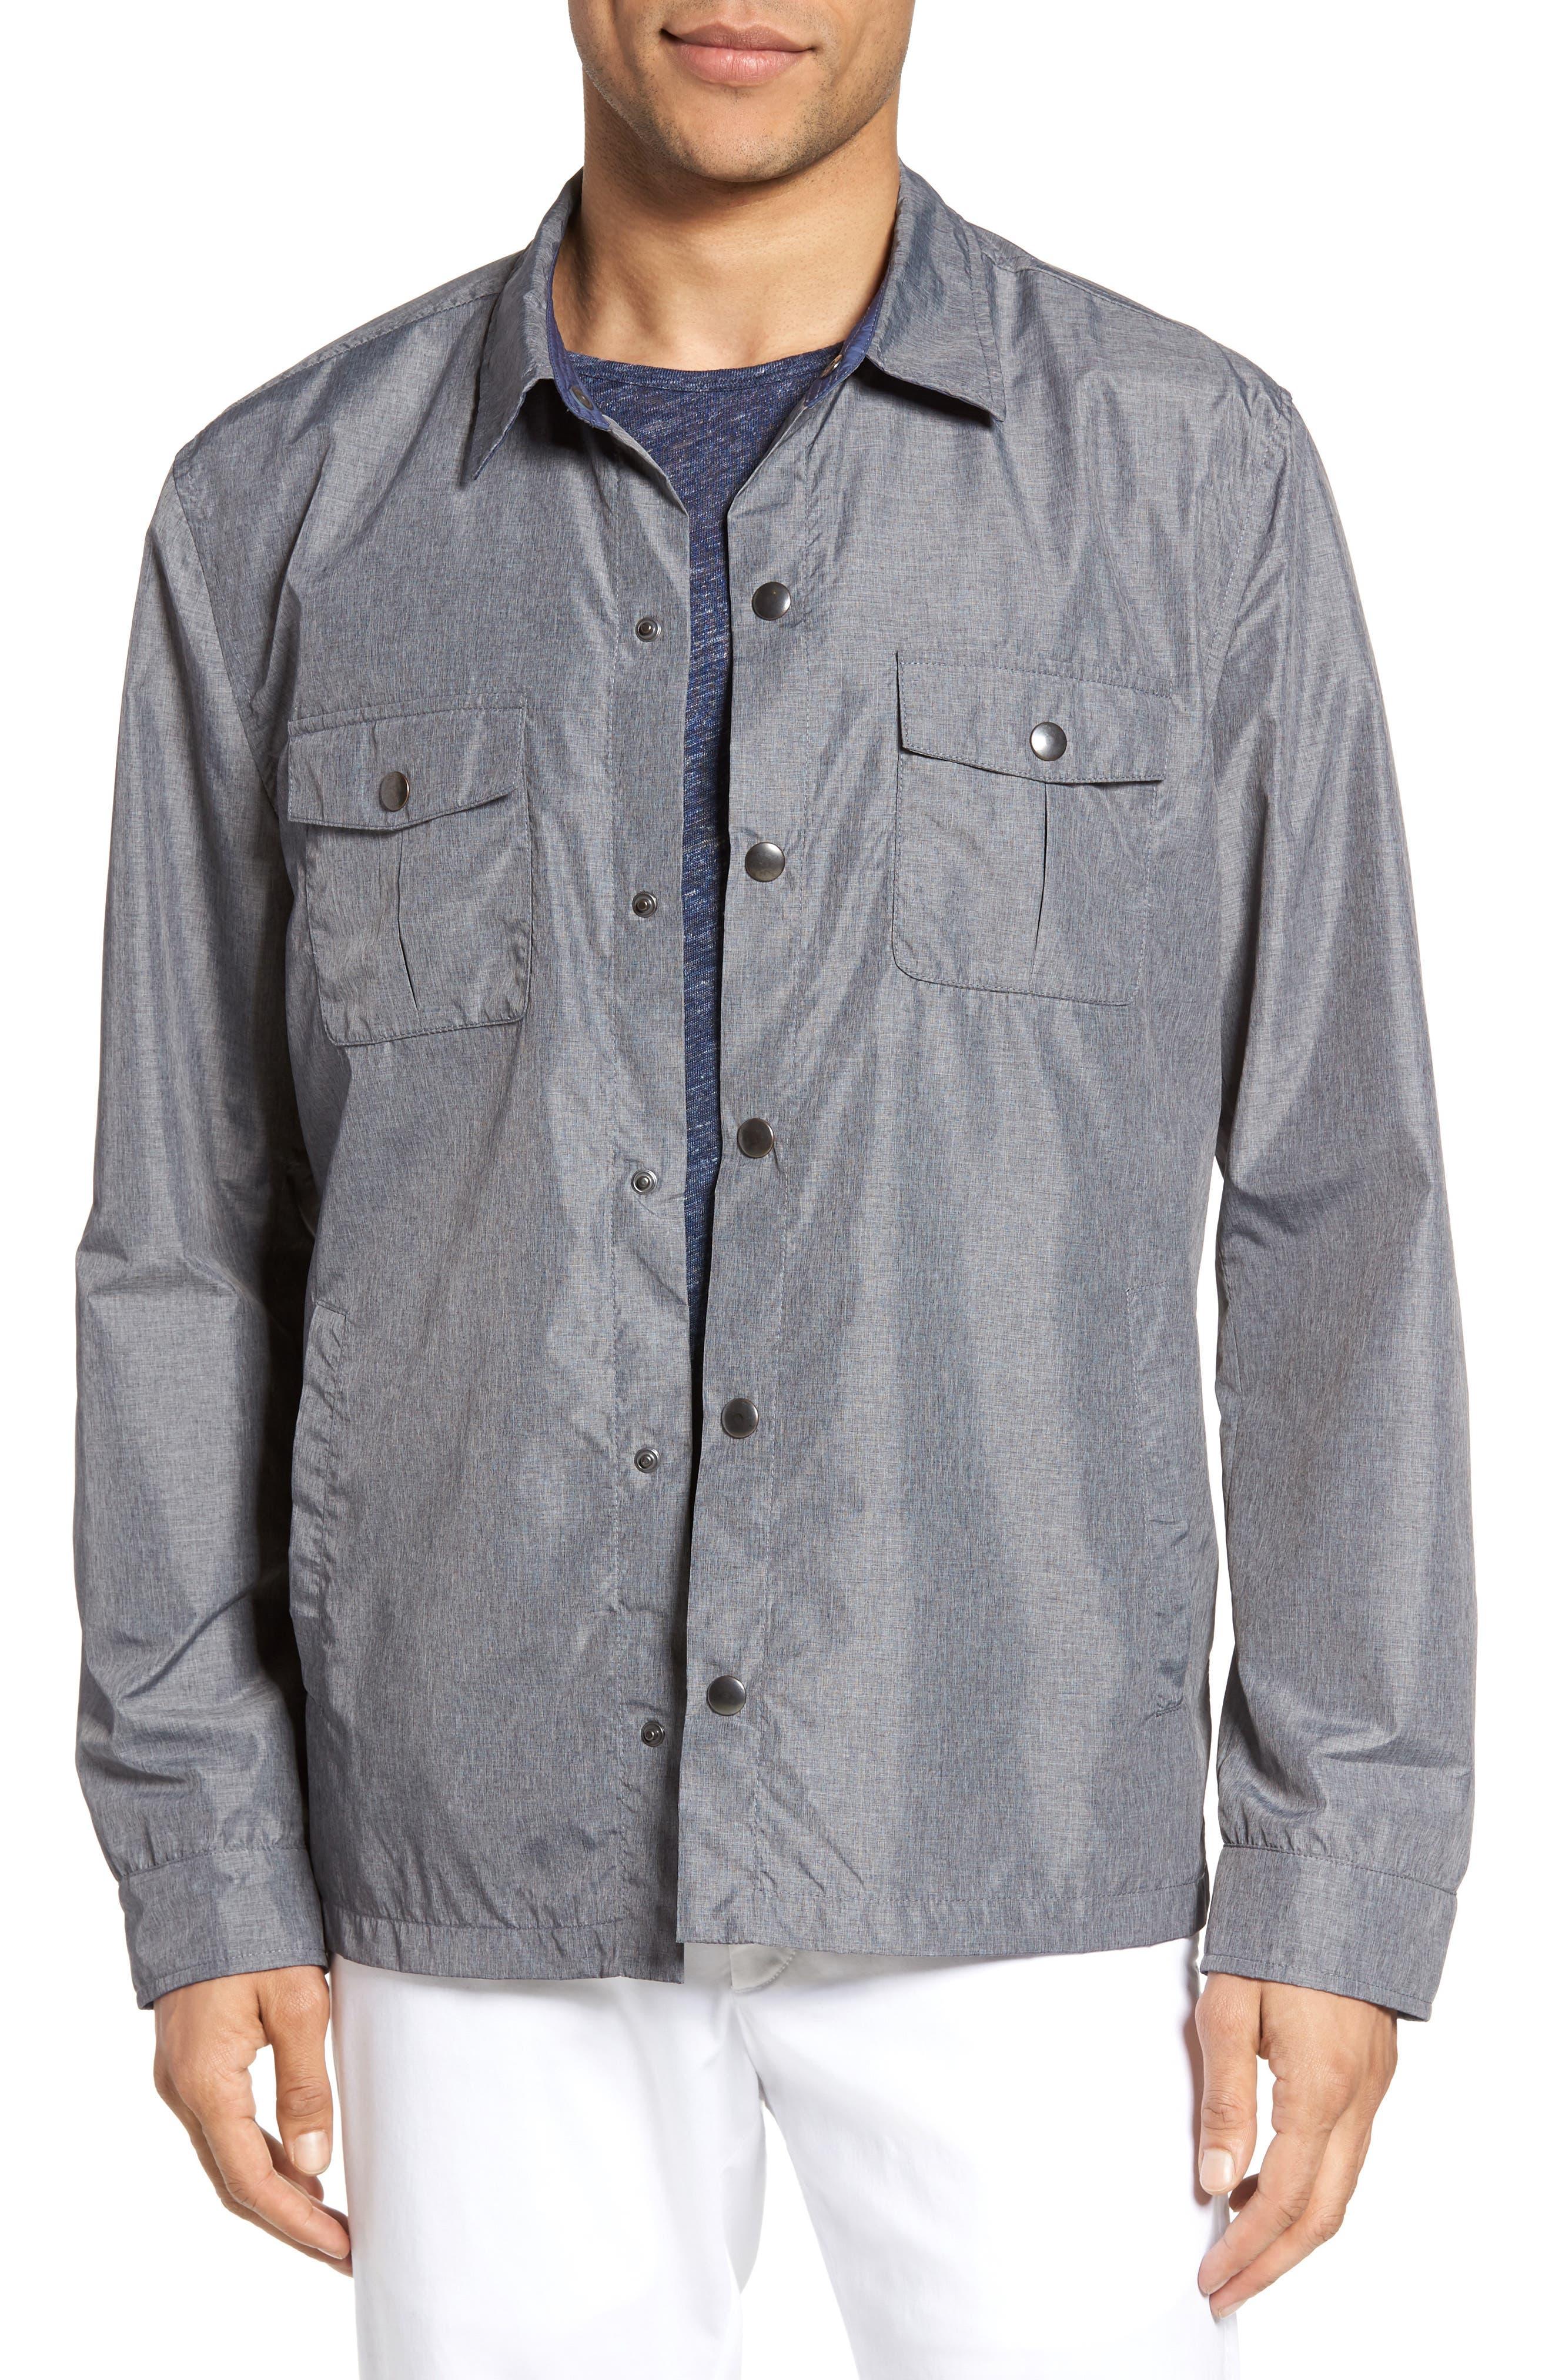 Zachary Prell Aronia Snap Front Jacket